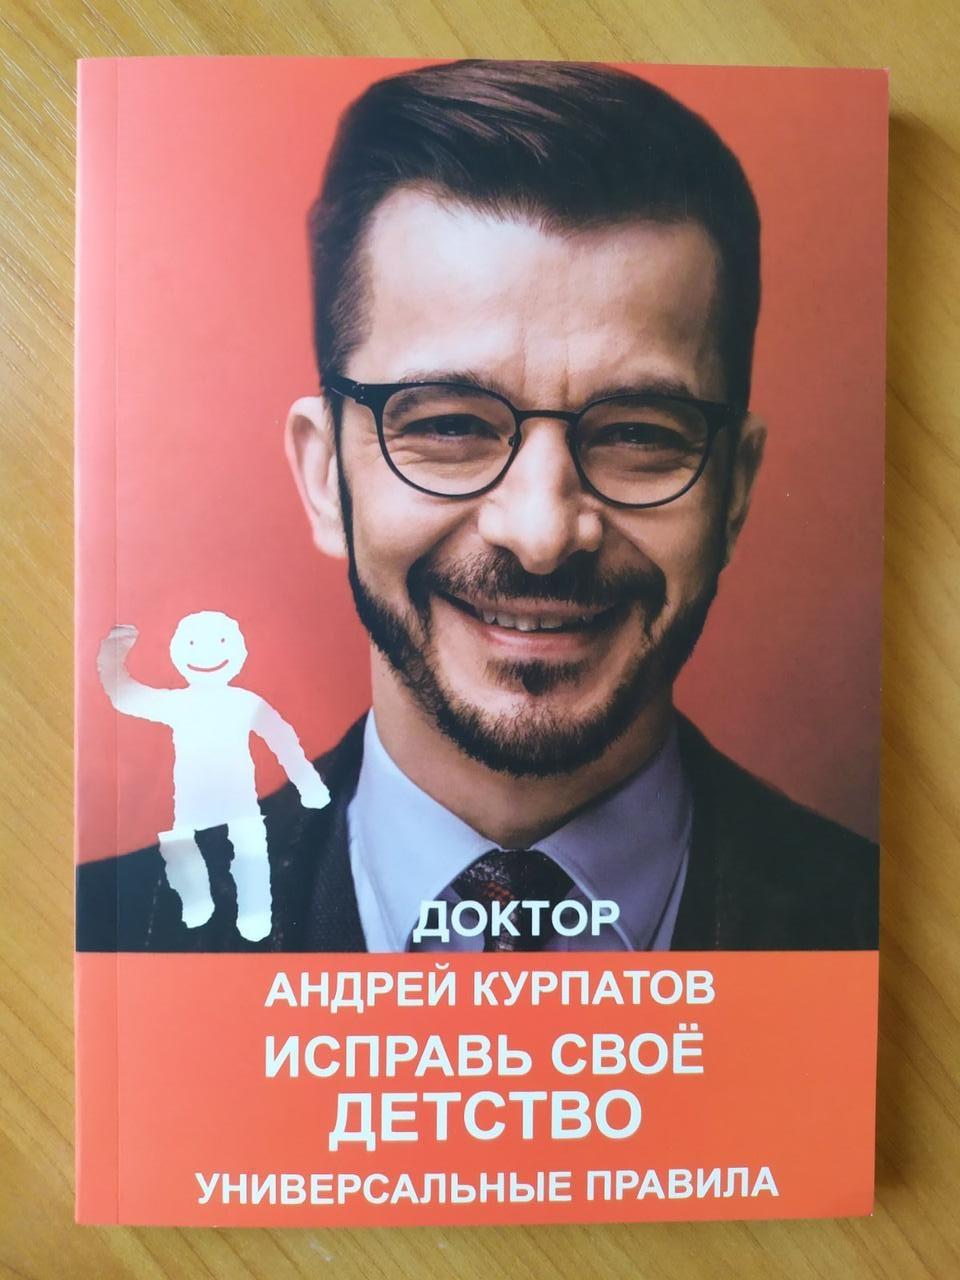 Андрей Курпатов. Исправь своё детство. Универсальные правила